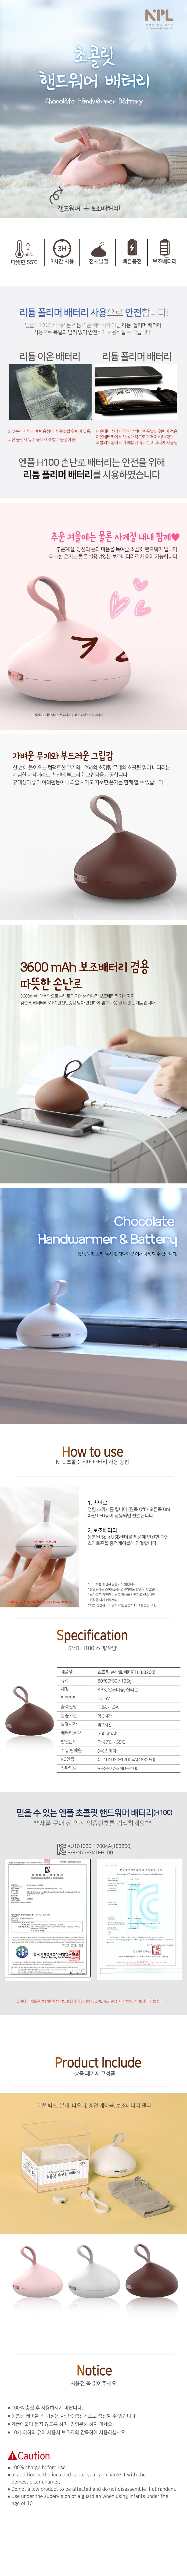 초콜릿 핸드워머 배터리/충전식손난로 보조배터리겸용 - 엔플, 32,000원, USB 계절가전, 방한용품